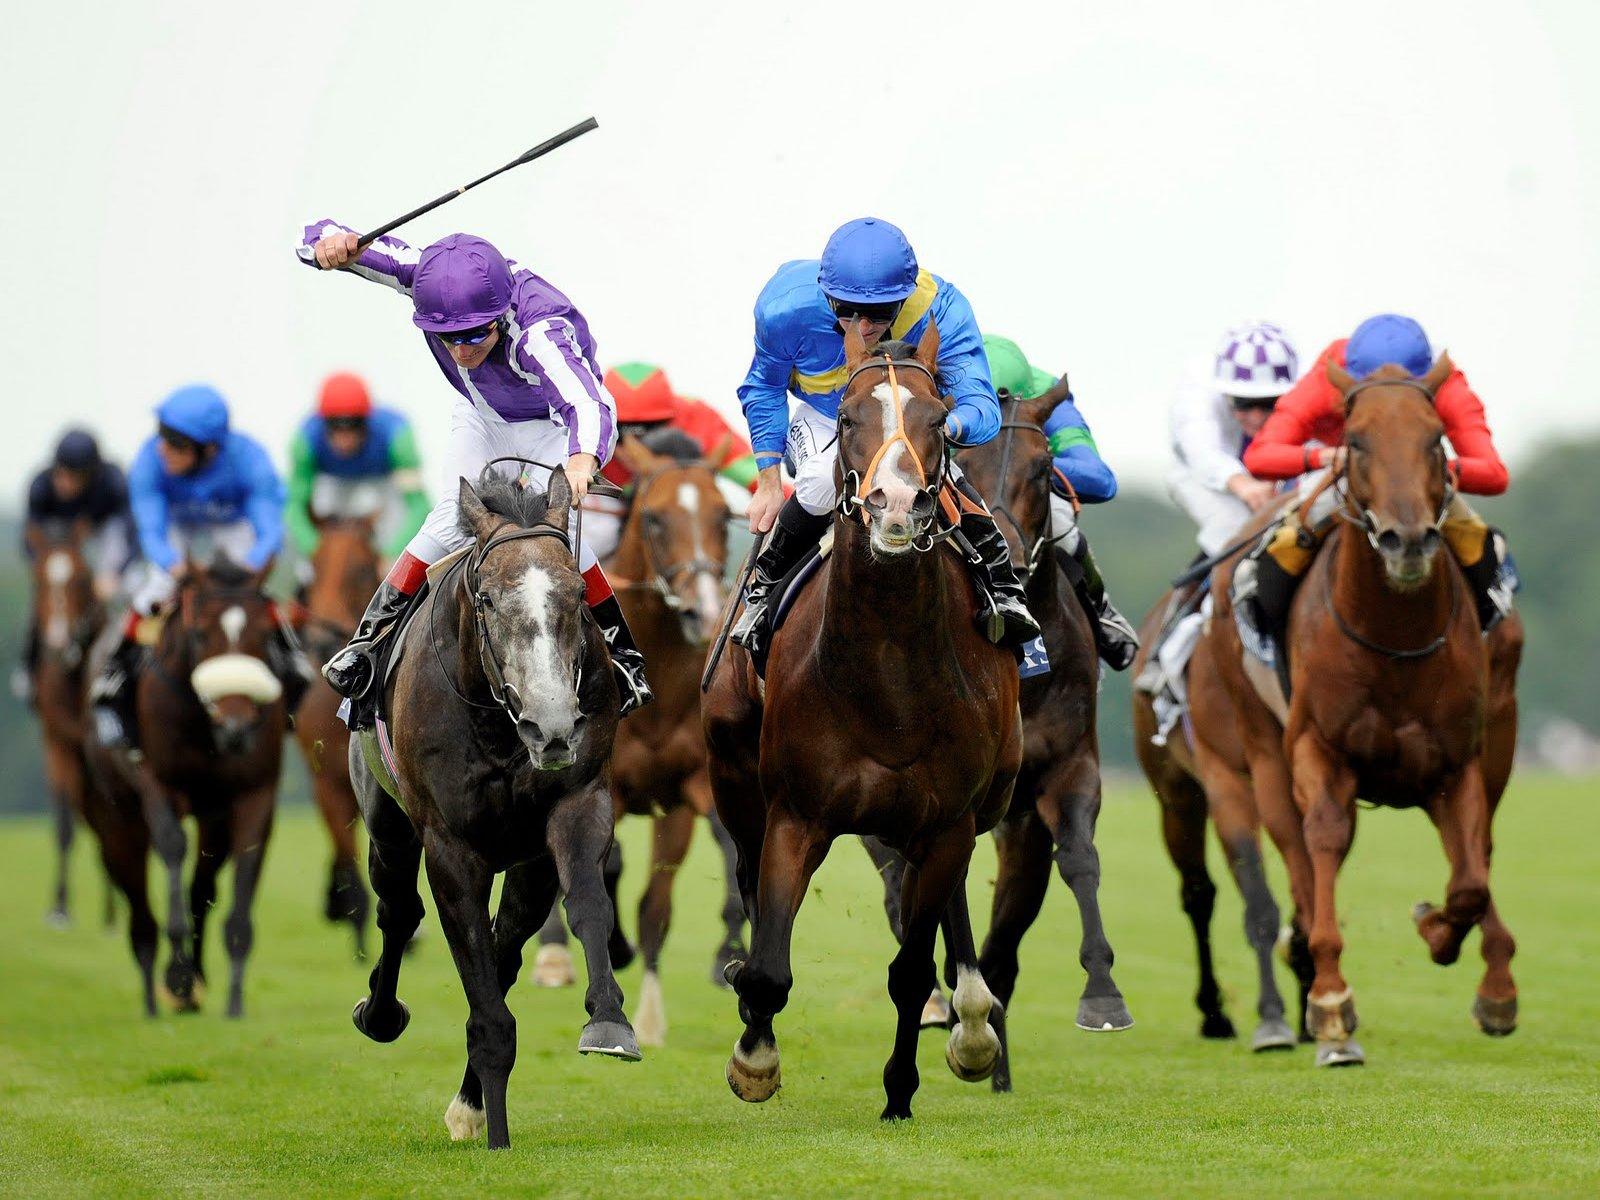 Fondos De Pantalla Carreras Proibidas: Horse Racing Fondo De Pantalla And Fondo De Escritorio